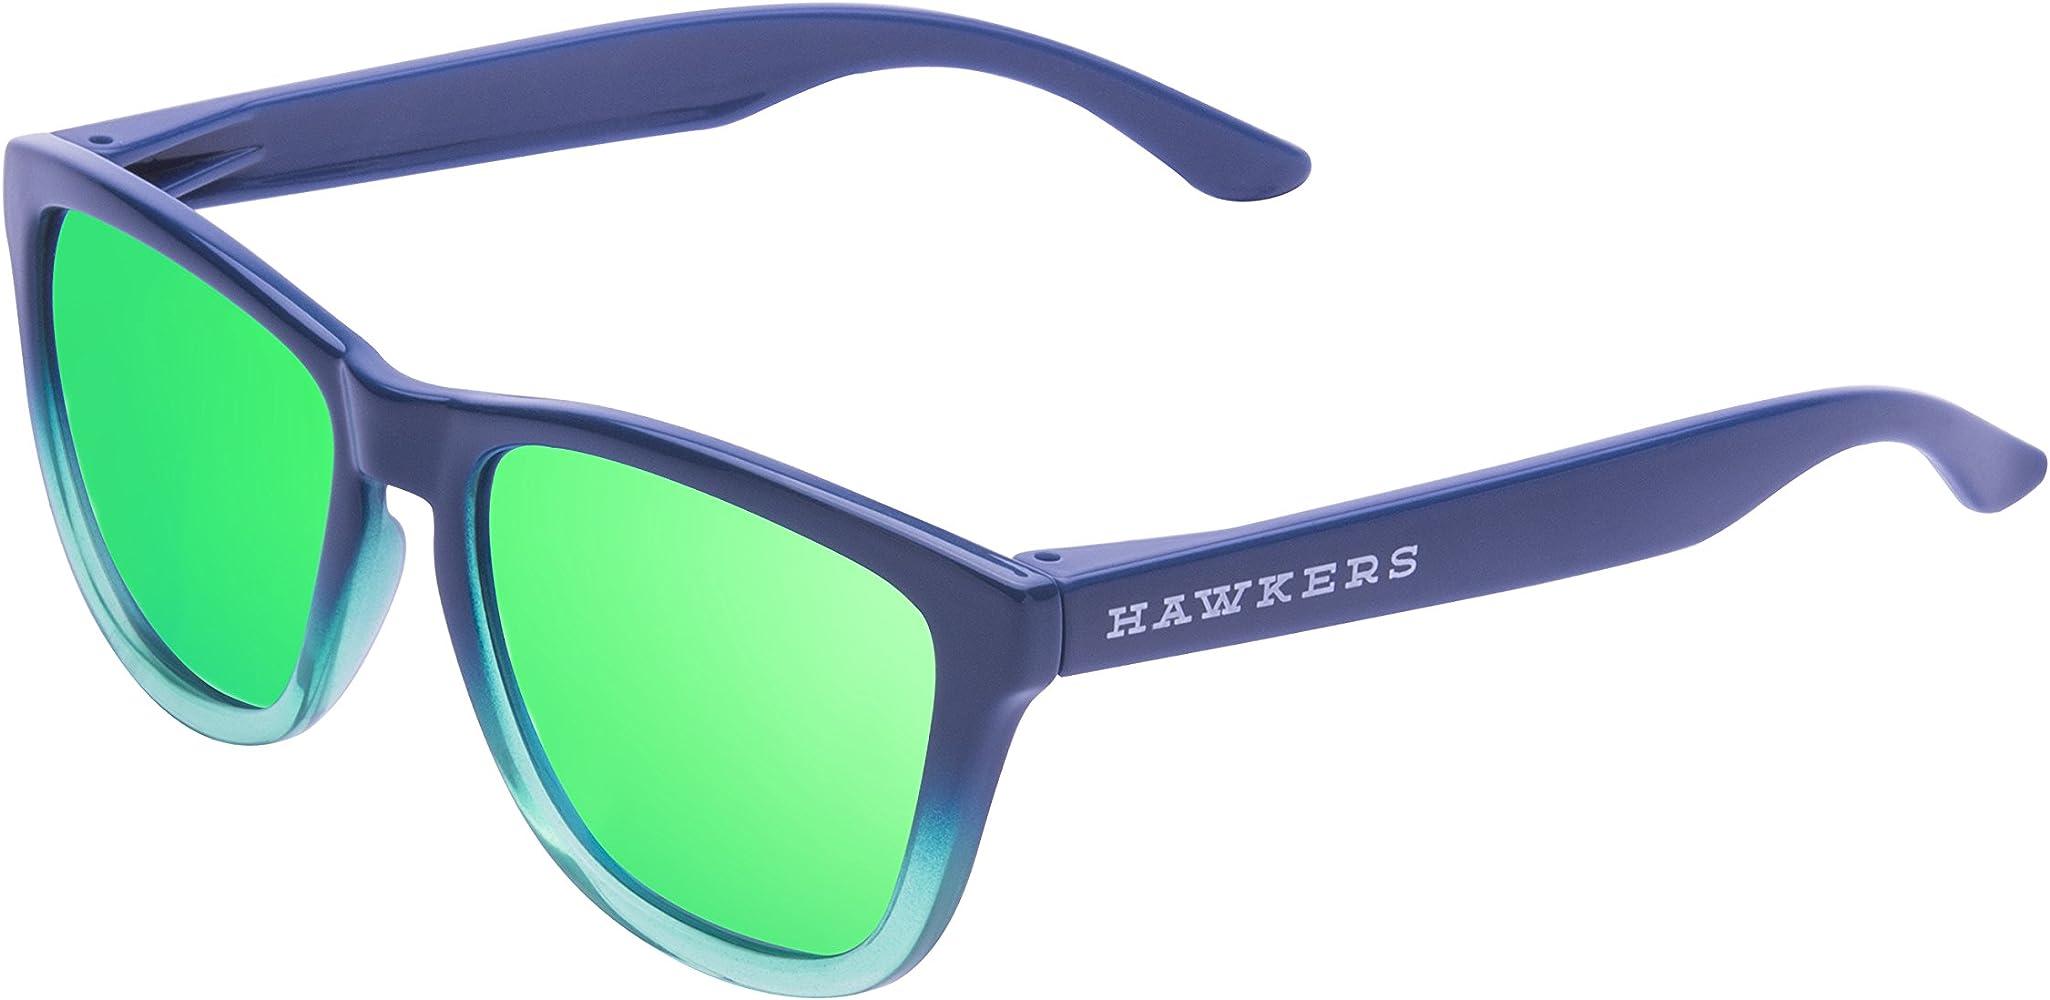 HAWKERS · X PAULA ECHEVARRIA · Fusion Sky · Gafas de sol para ...